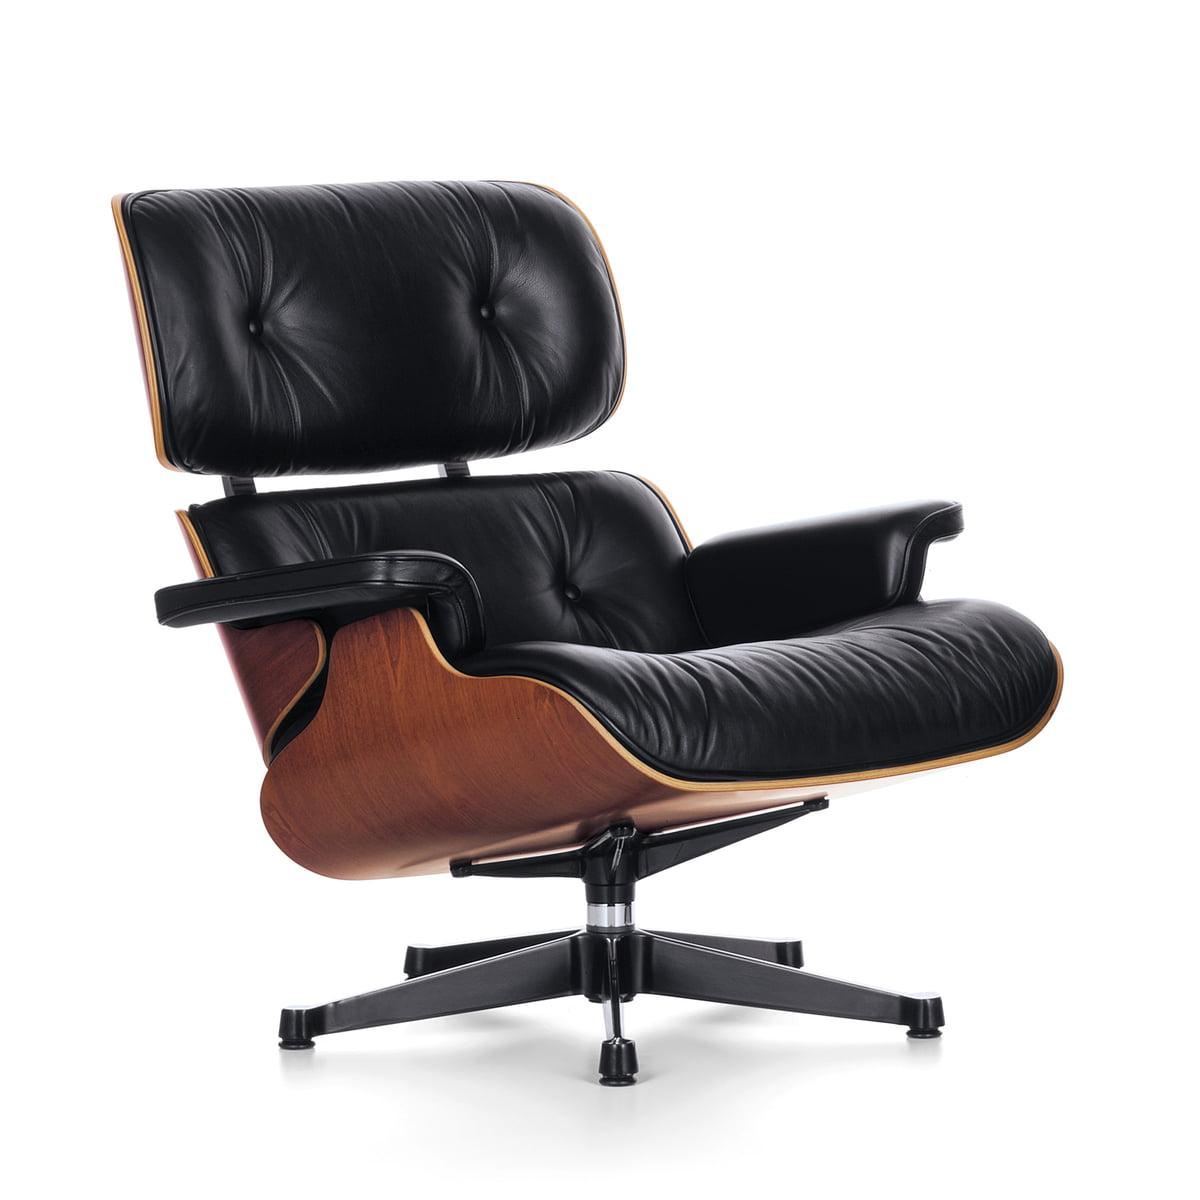 design relaxsessel klassiker. Black Bedroom Furniture Sets. Home Design Ideas